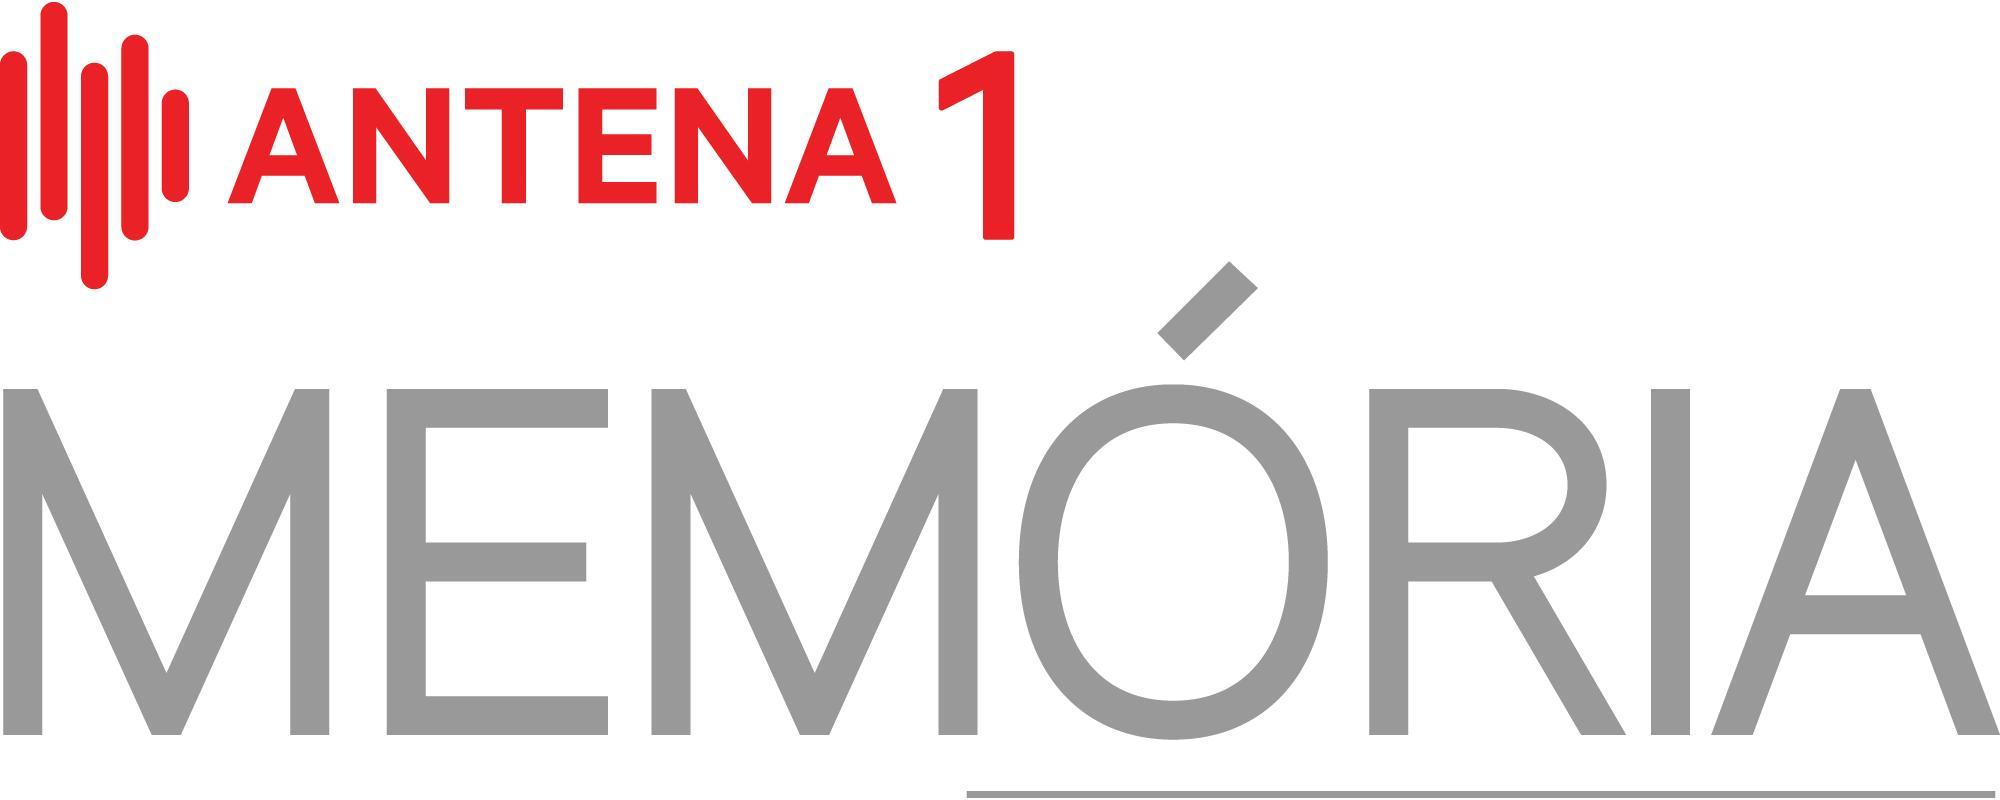 Logotipo Antena1 Memória